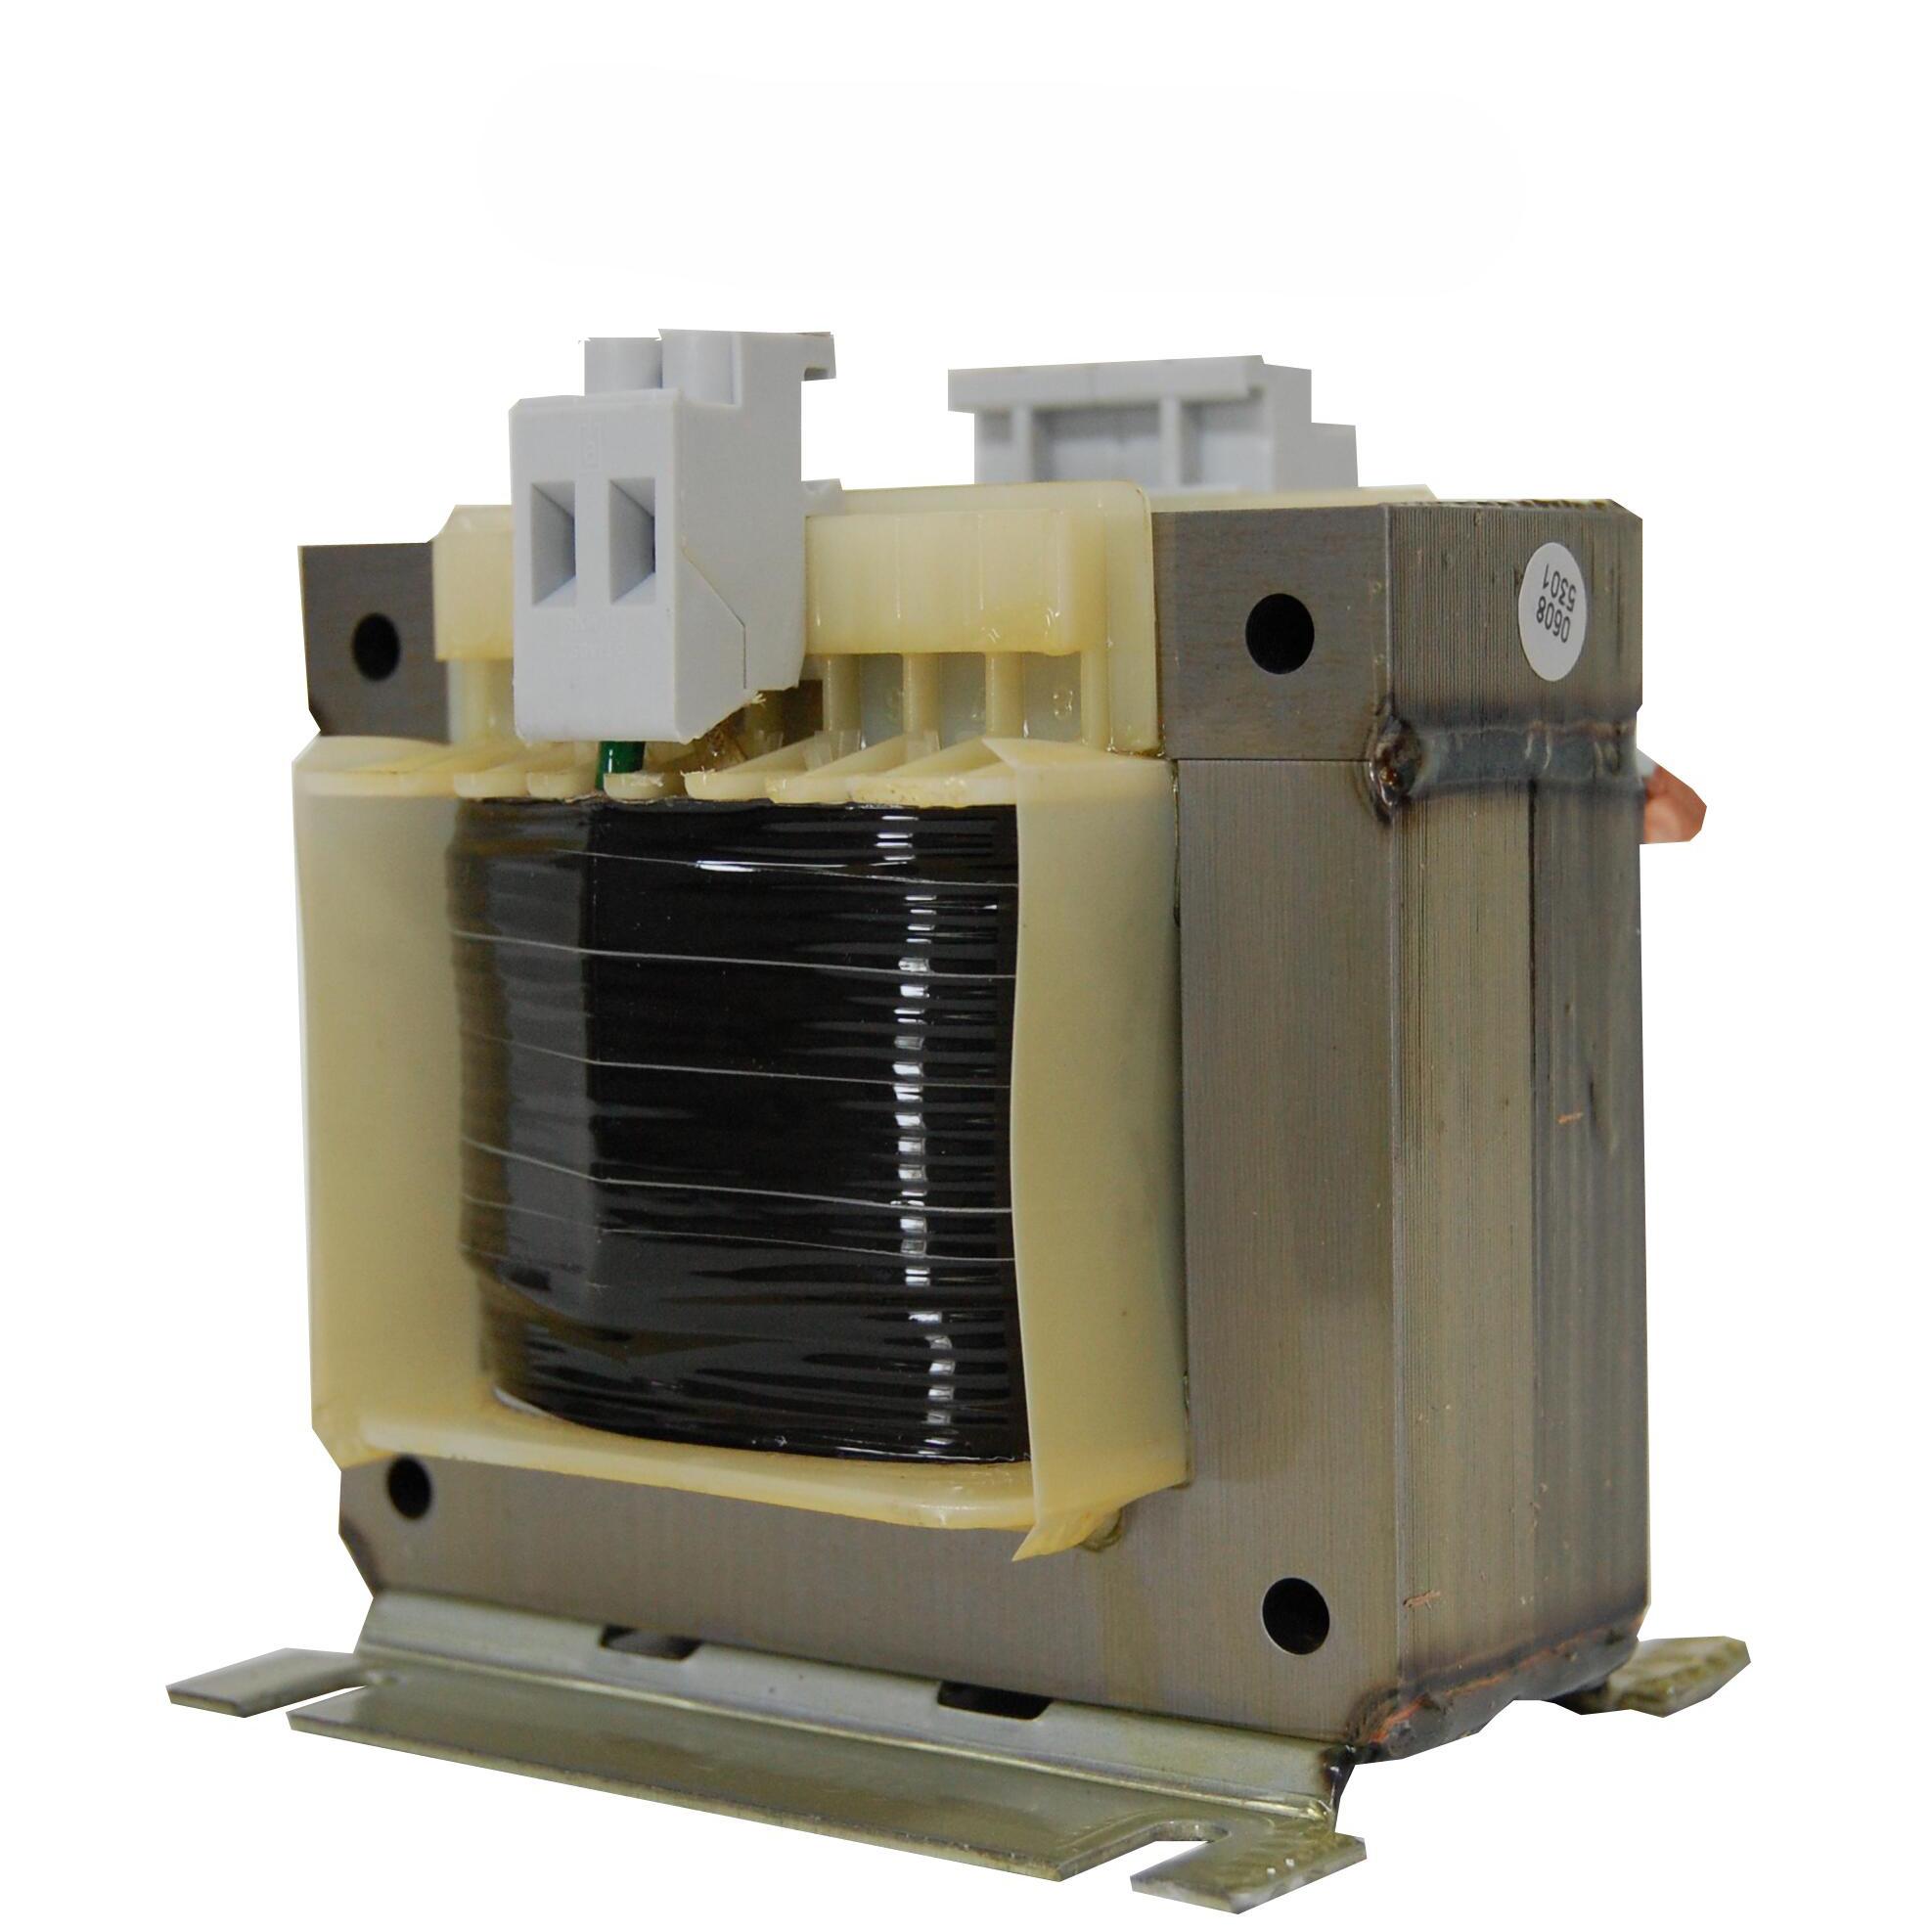 1 Stk Einphasen Steuertransformator 230/230V, 2500VA, IP00 LP605250T-